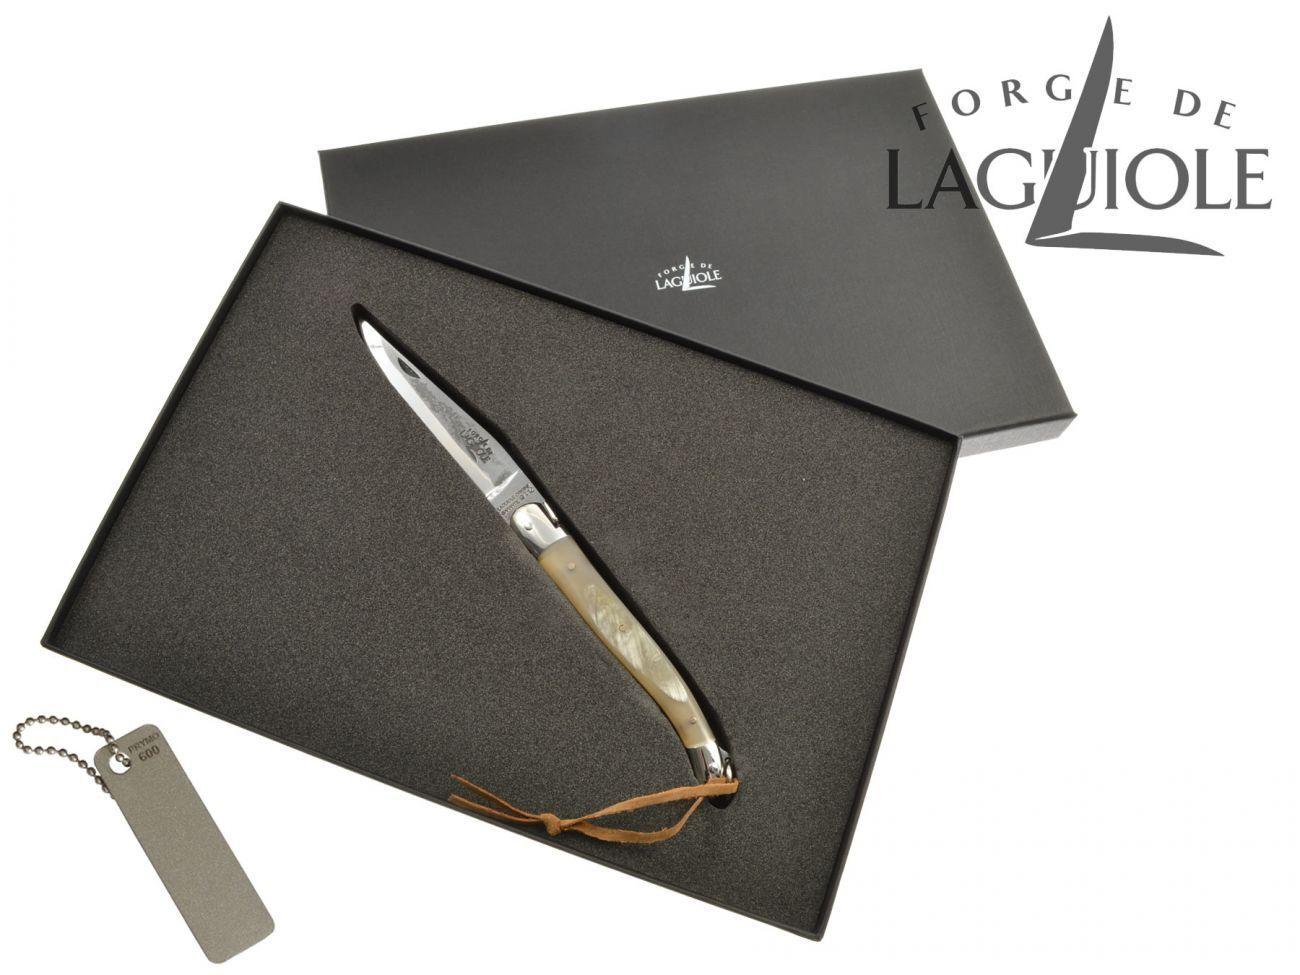 Forge de Laguiole Couteau Couteau Couteau Couteau de poche 11 cm Rinderhorn brillant mat + plus edbc9a